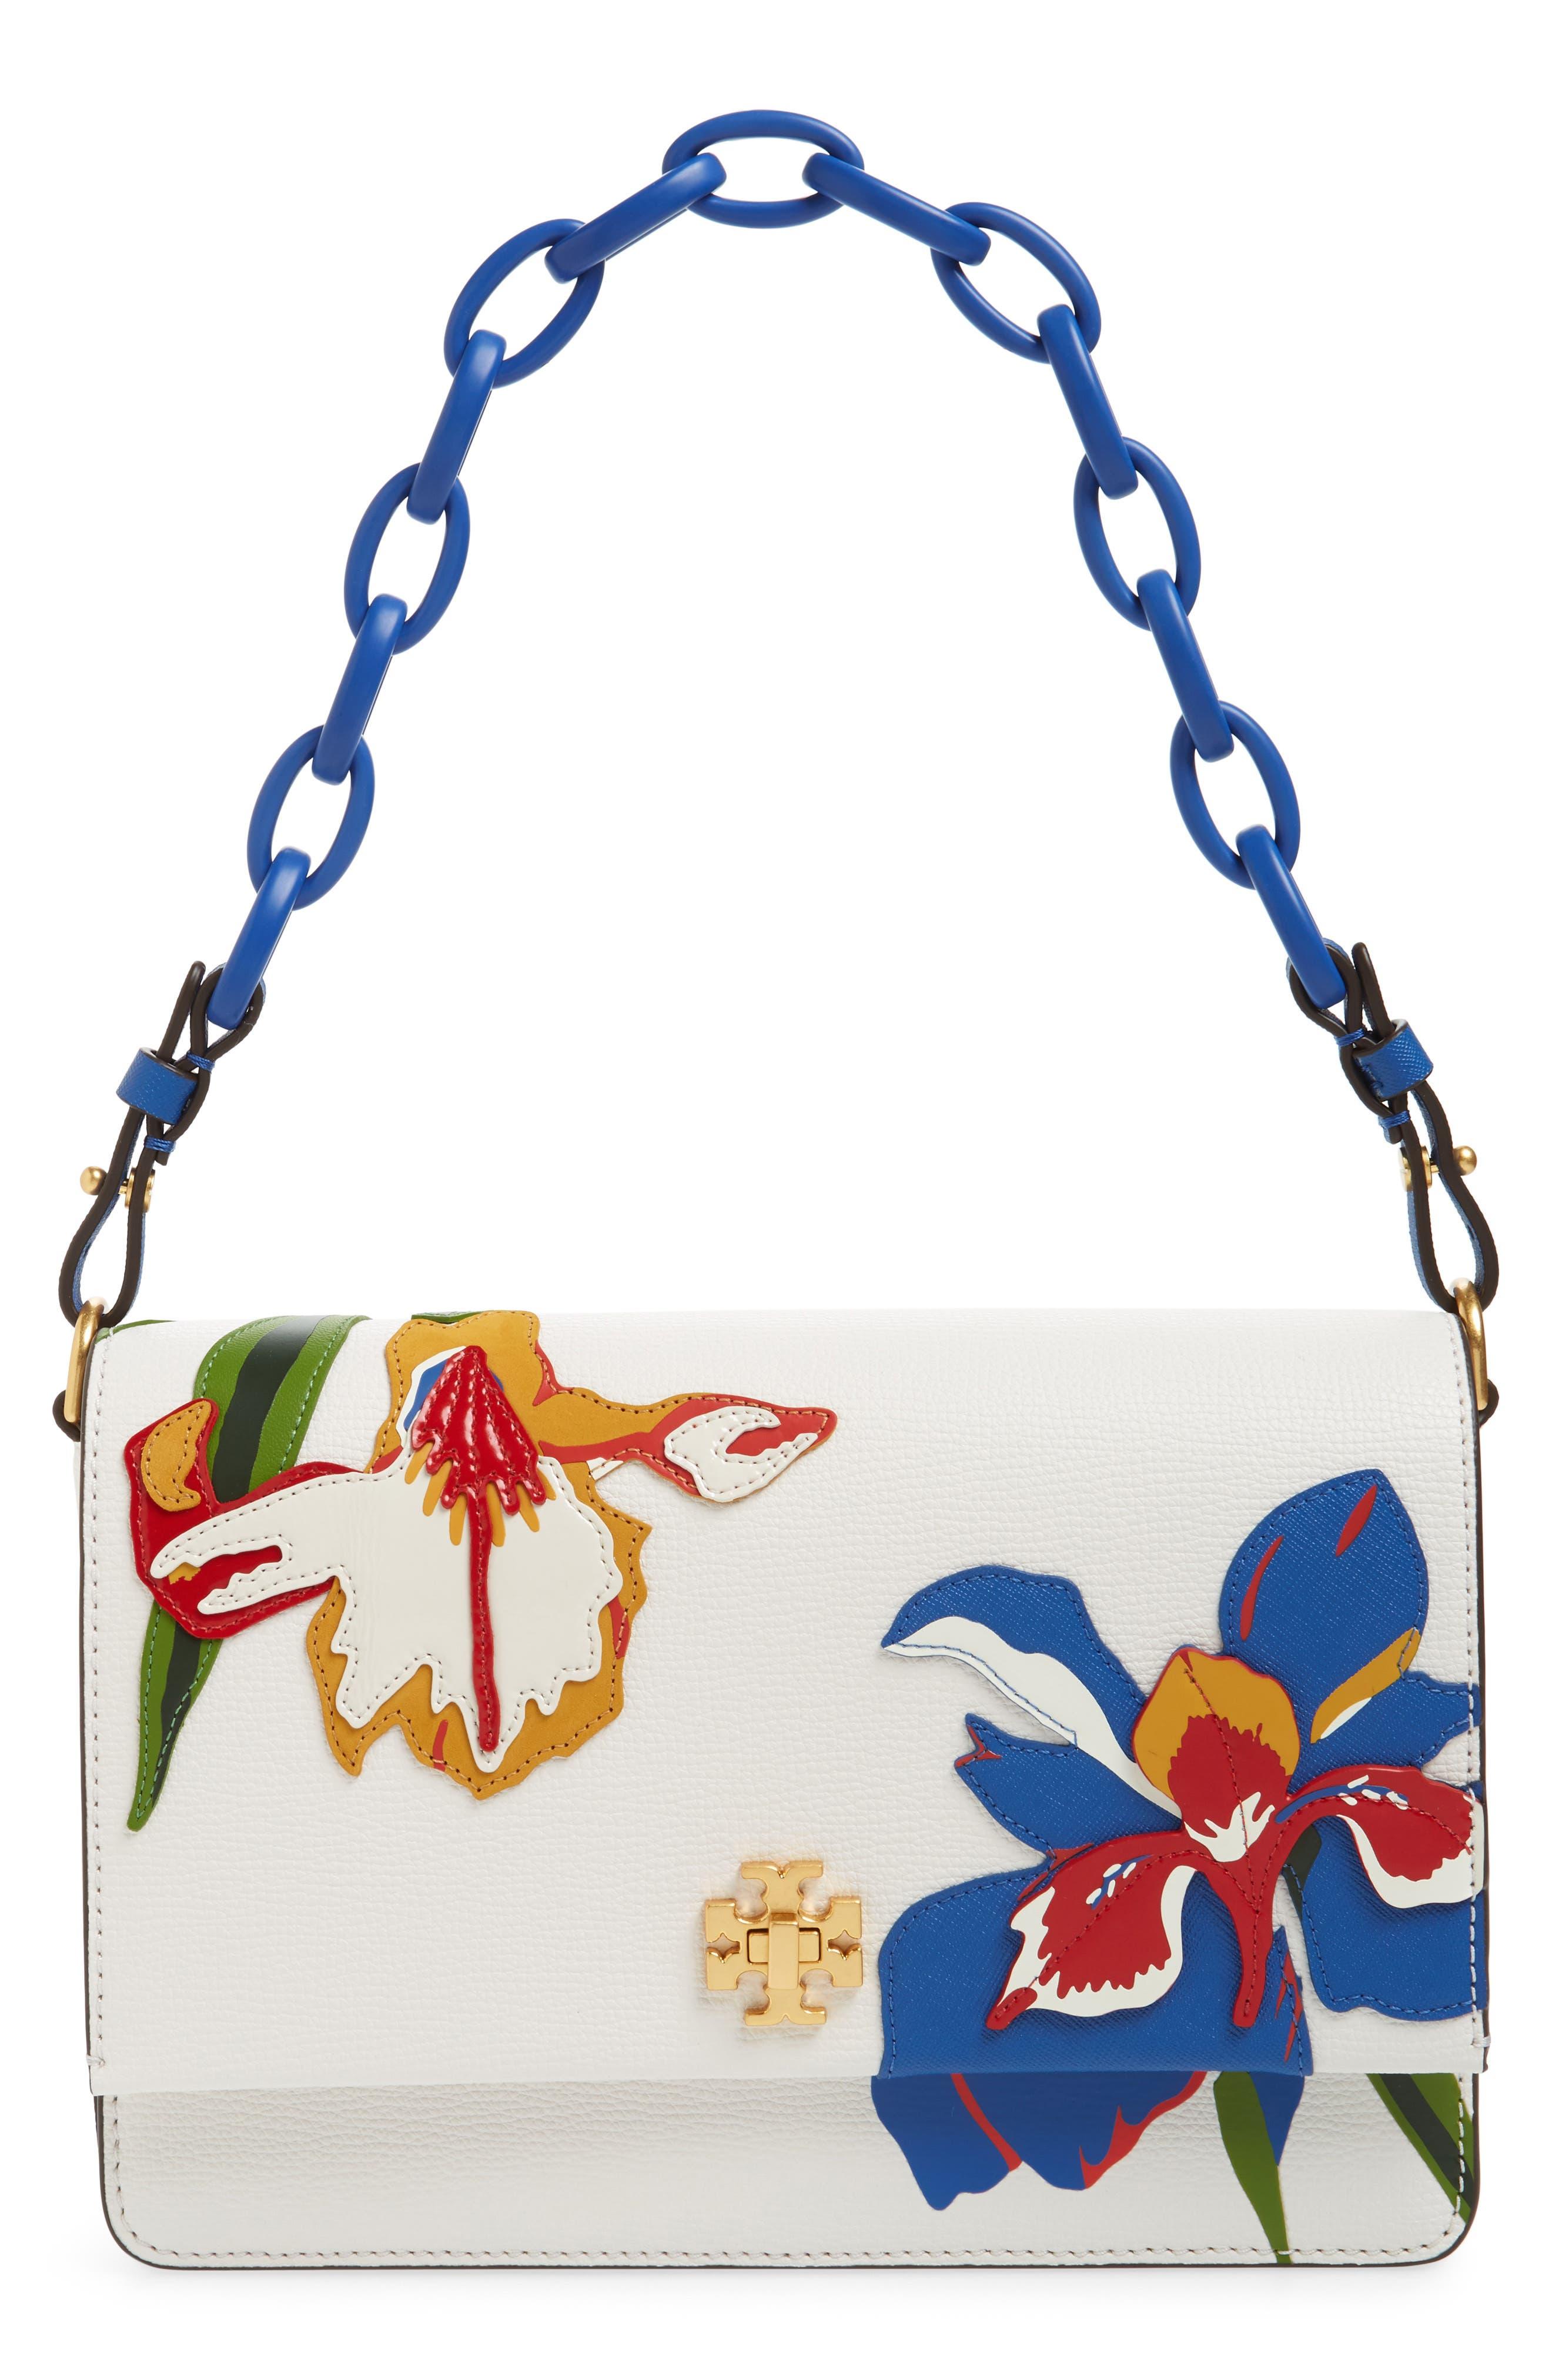 Kira Appliqué Flower Leather Shoulder Bag,                             Main thumbnail 1, color,